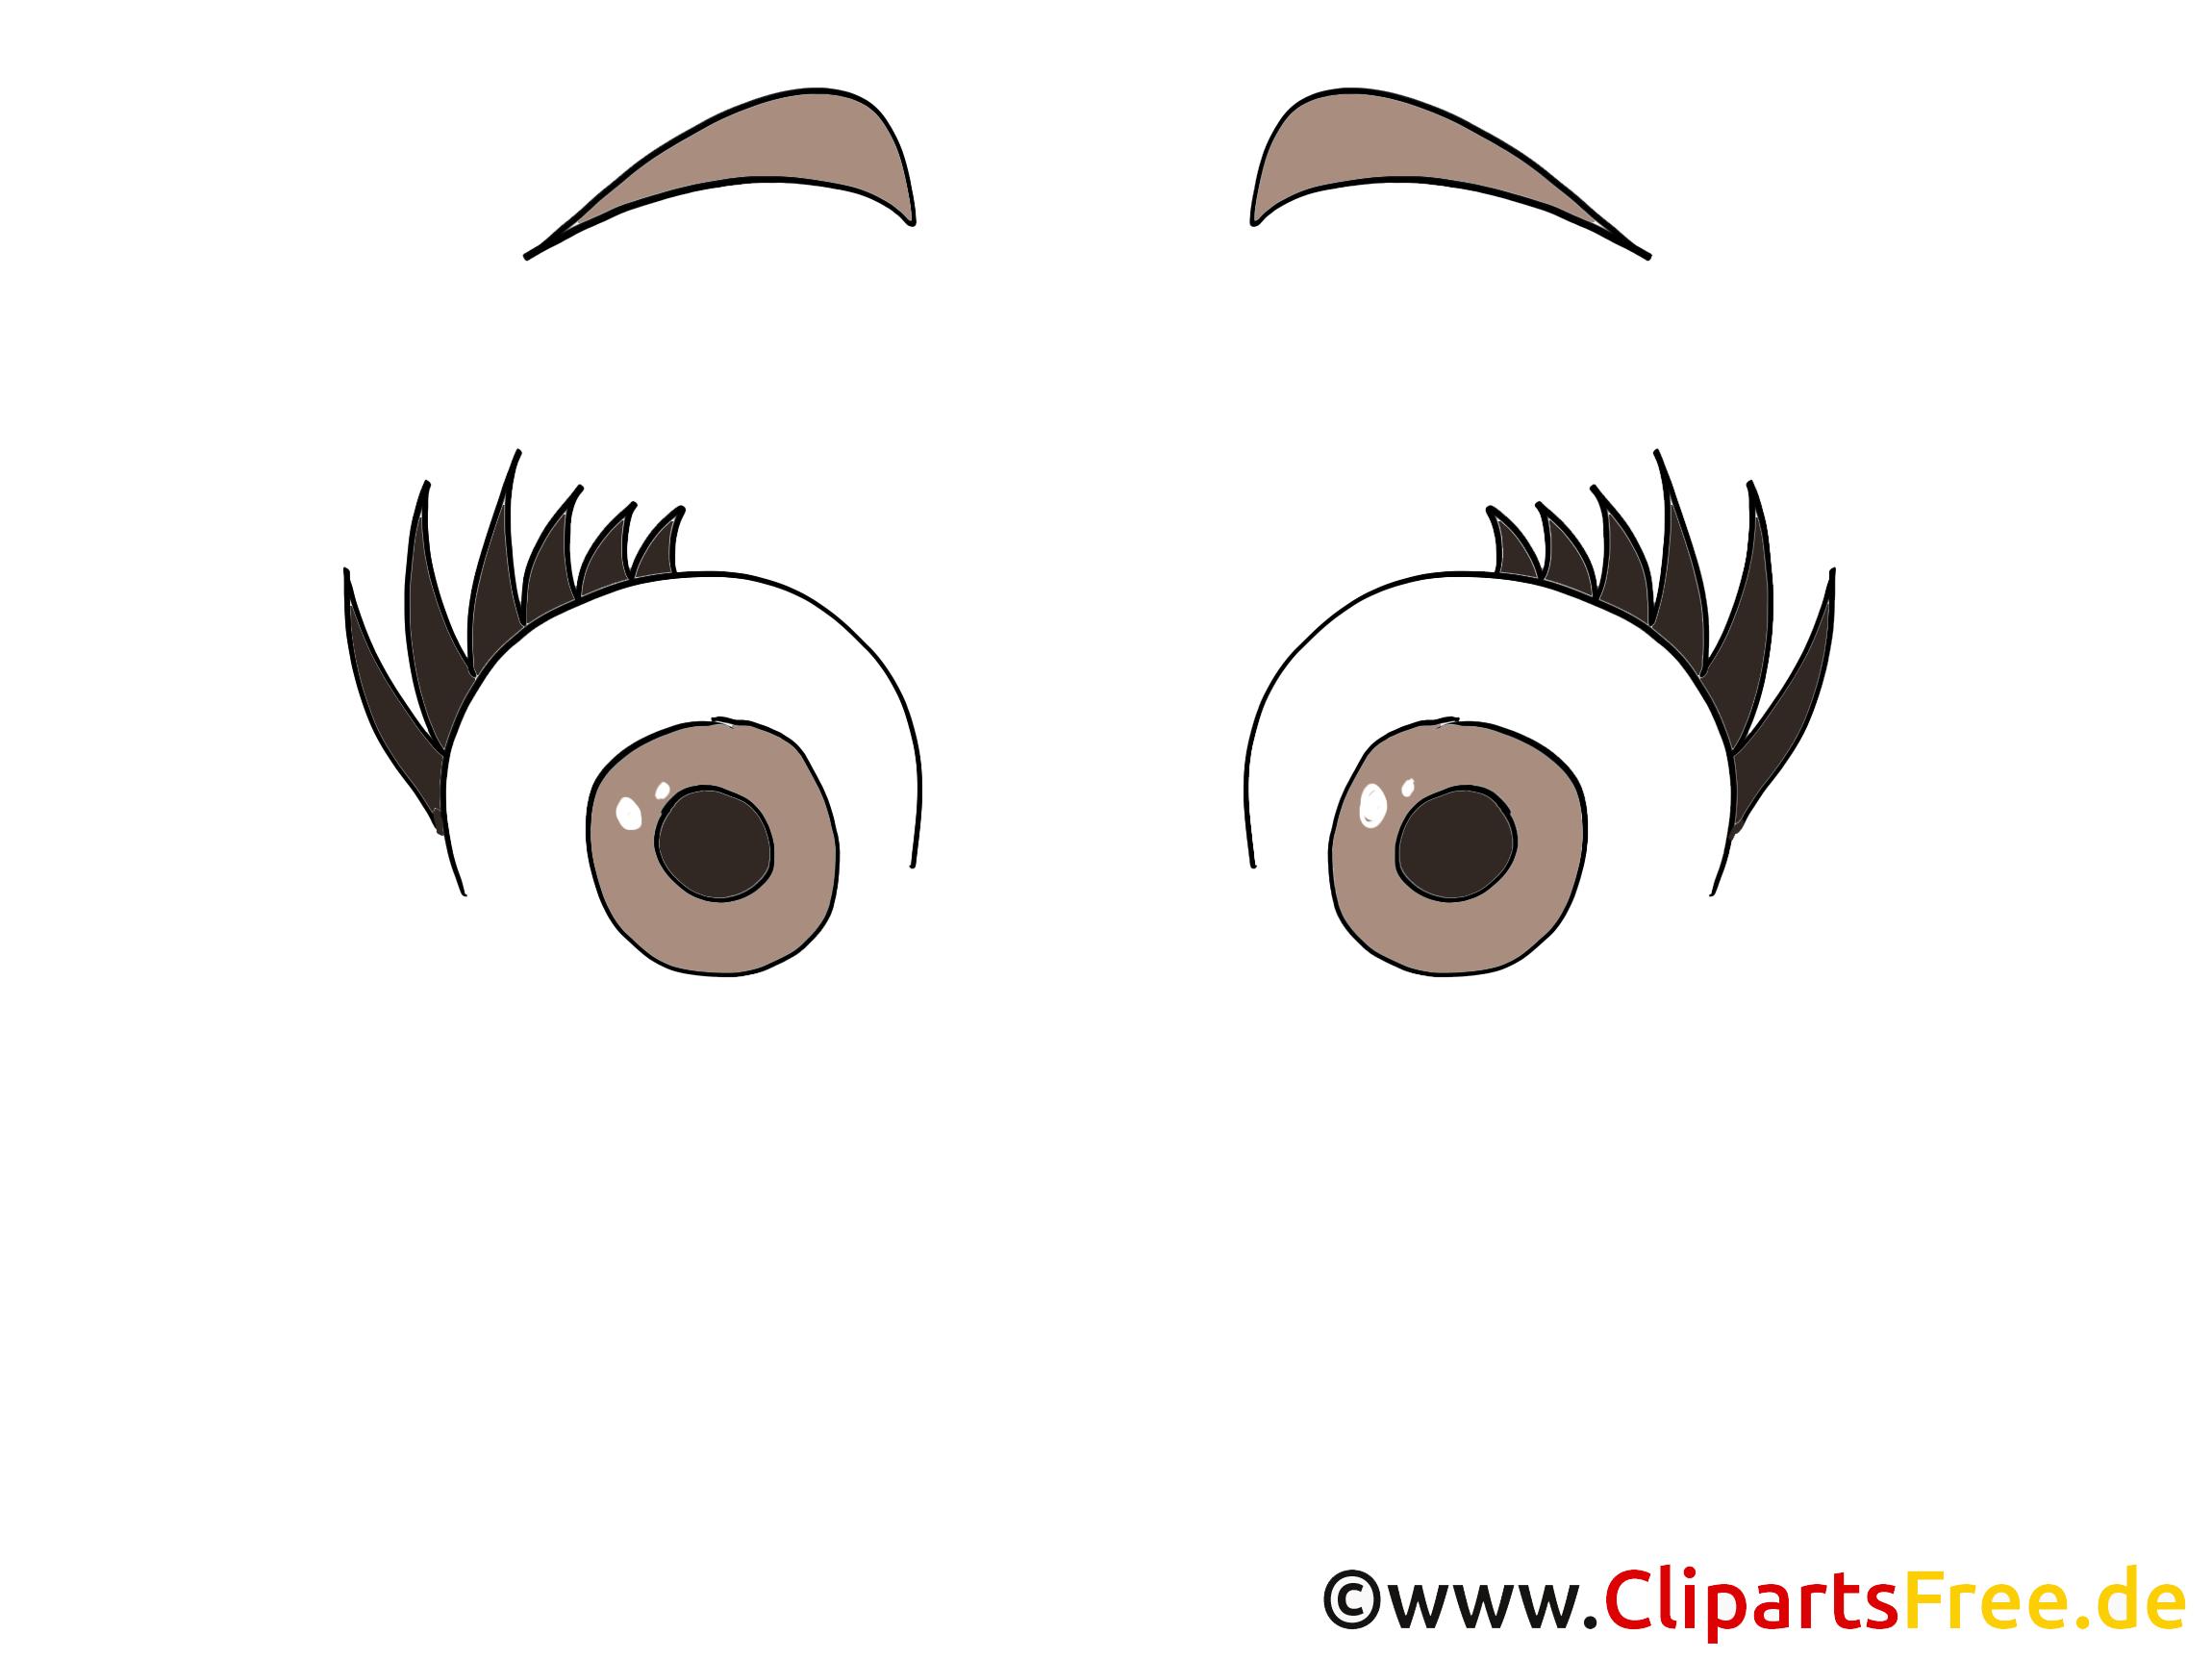 Étonné regard image gratuite – Dessin illustration